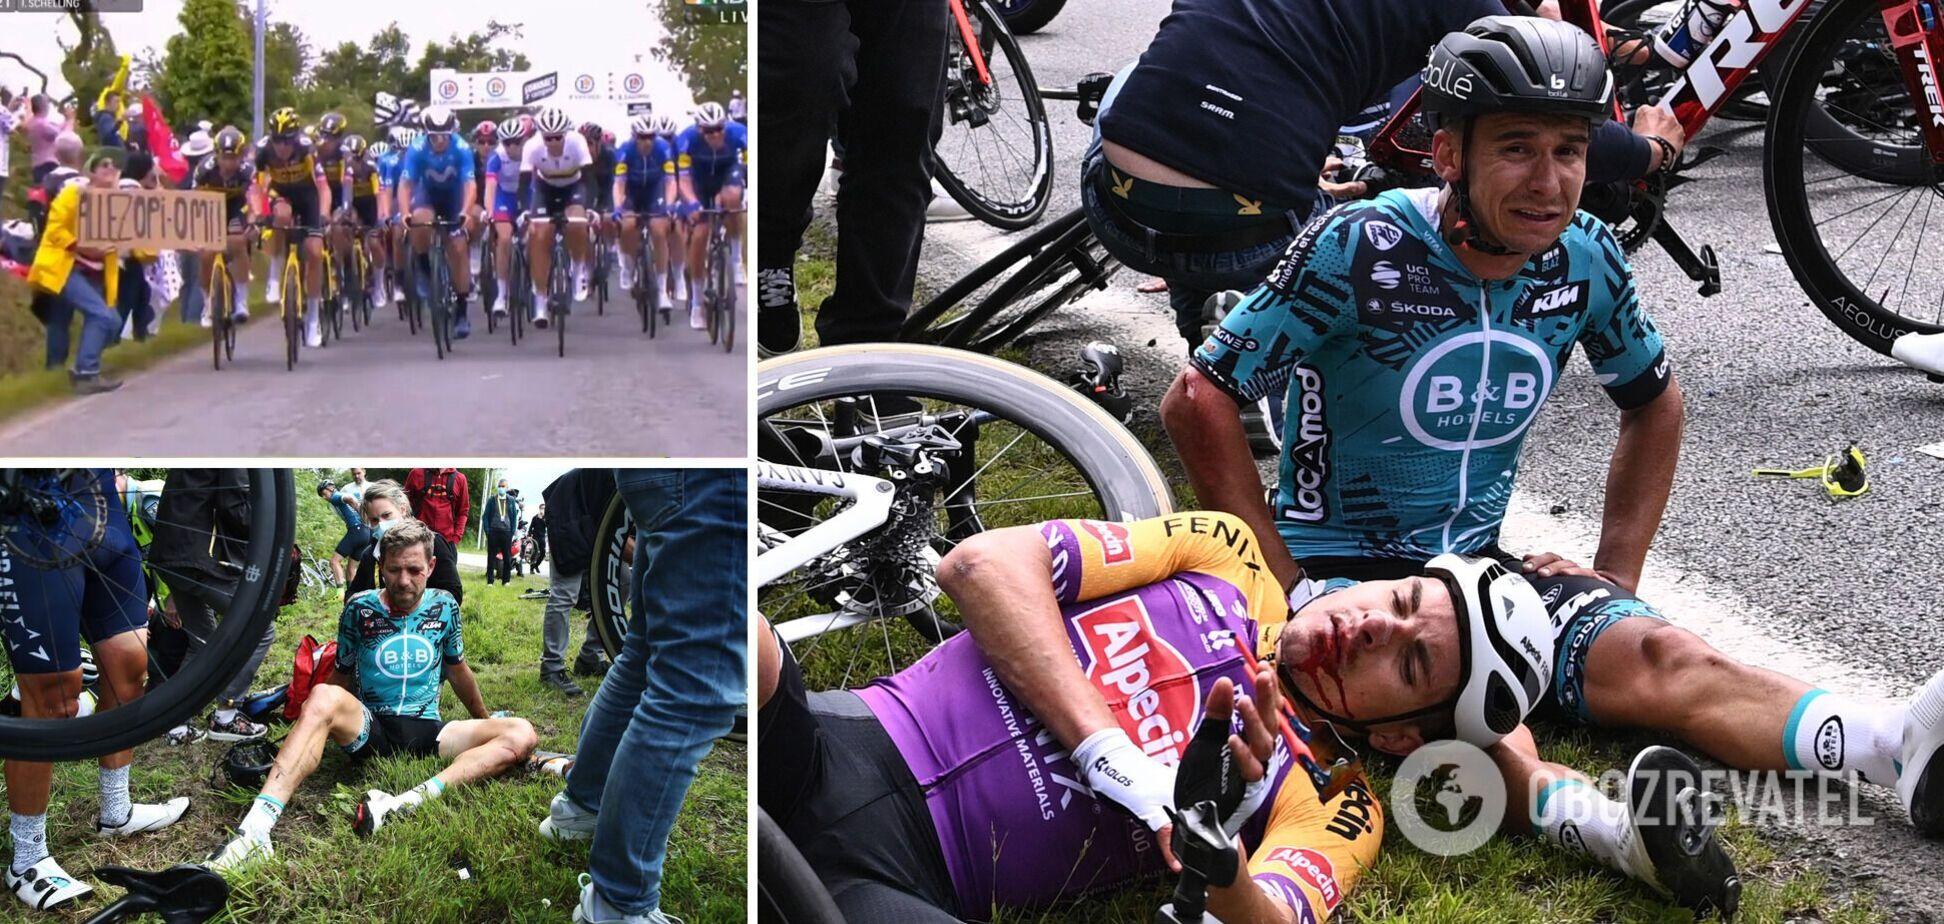 Фанатка сбила велосипедистов